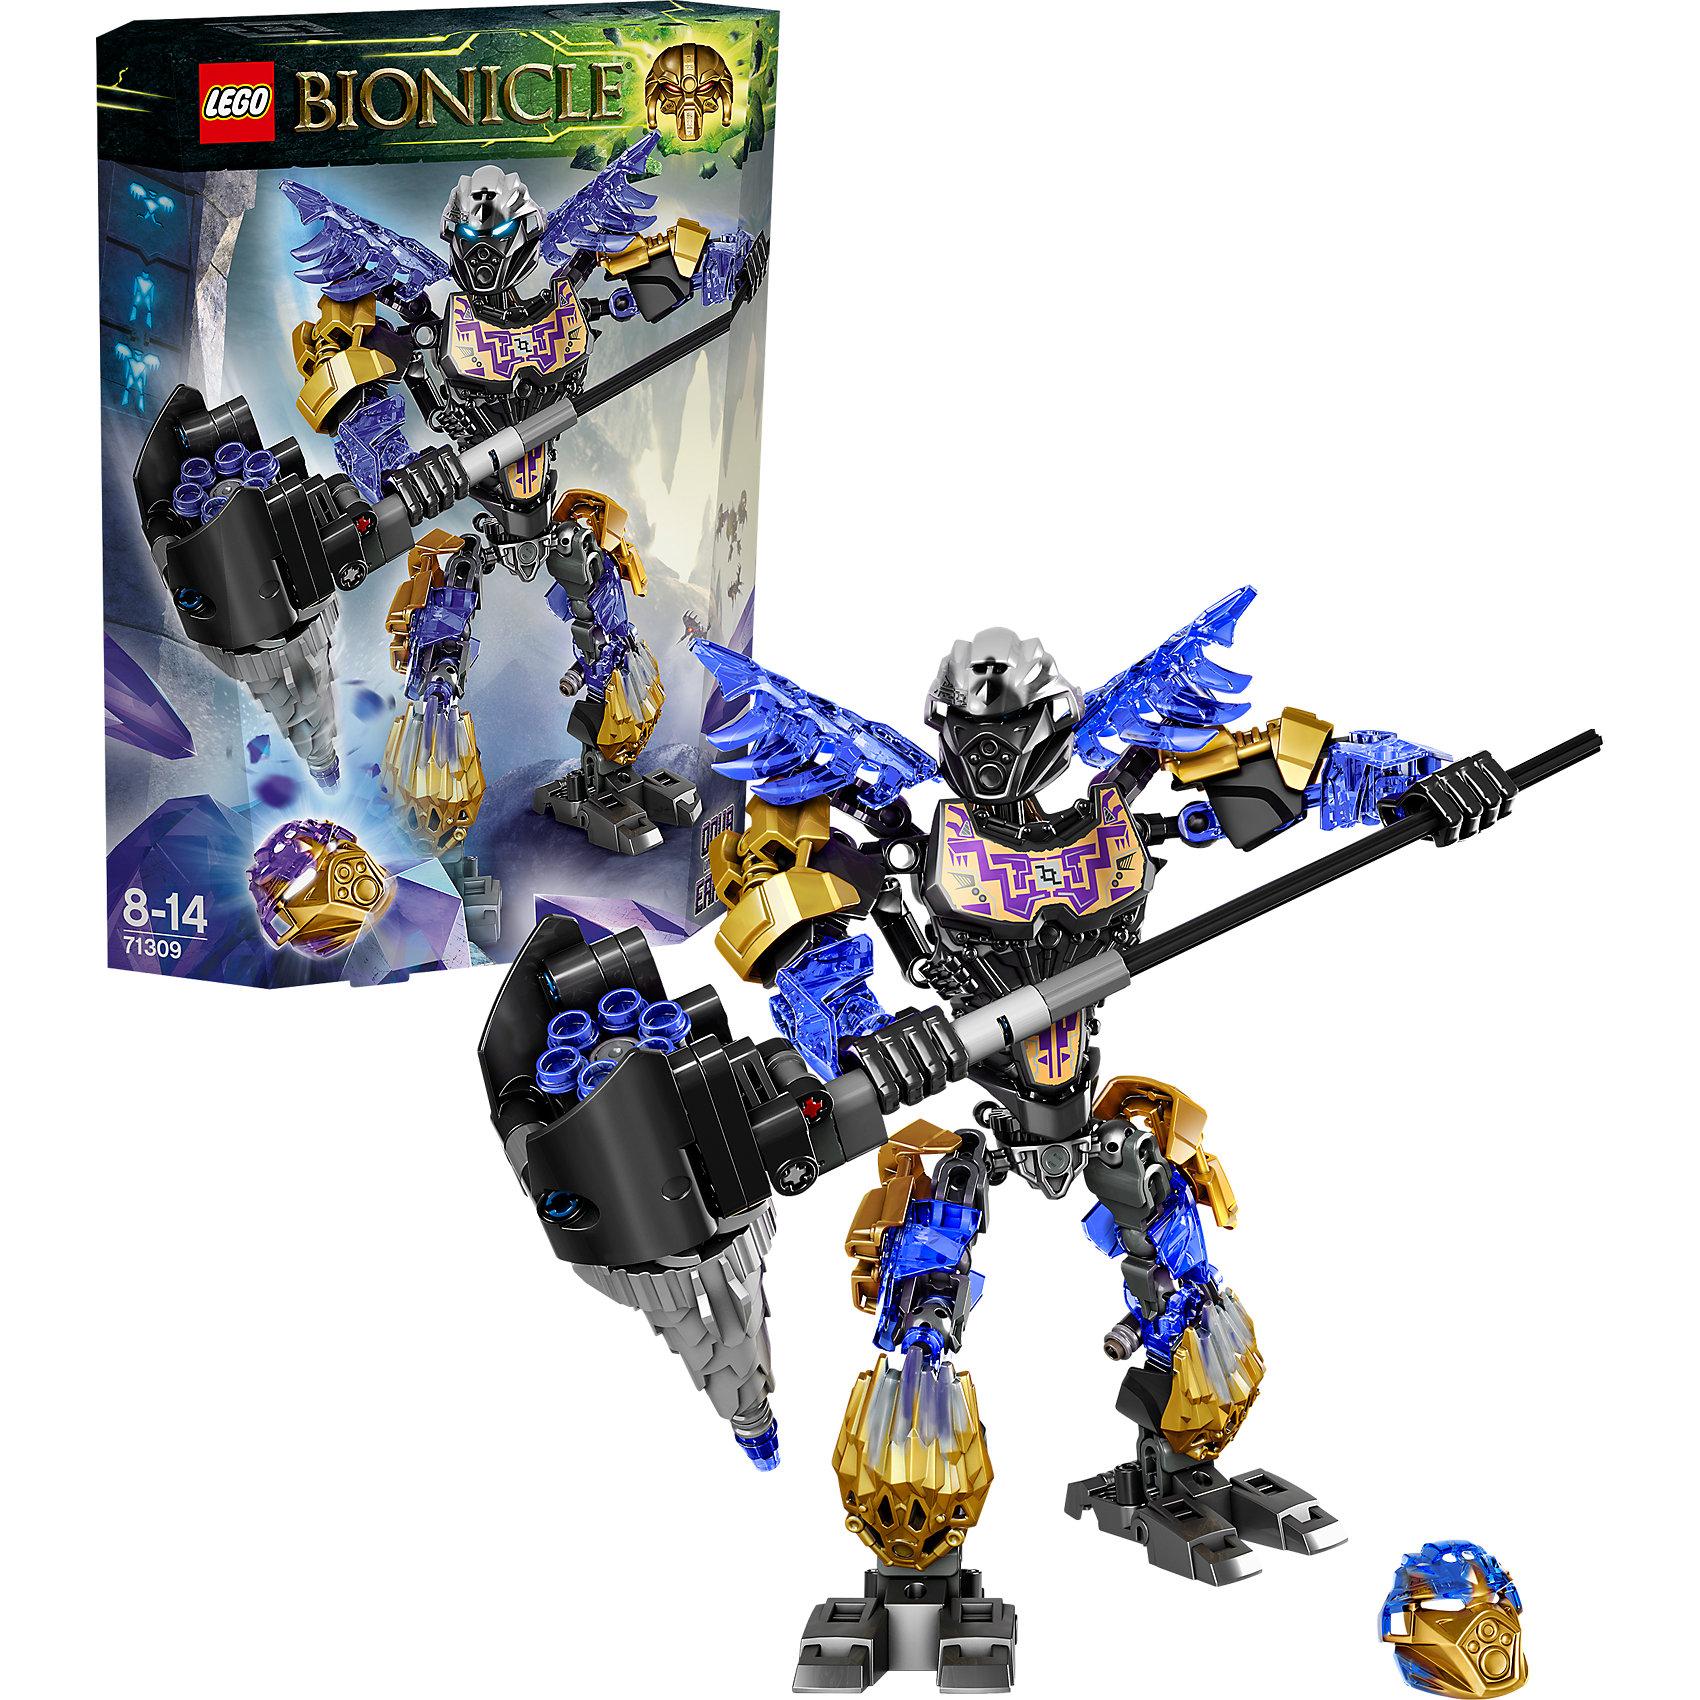 LEGO LEGO BIONICLE 71309: Онуа - Объединитель Земли bionicle максилос и спинакс